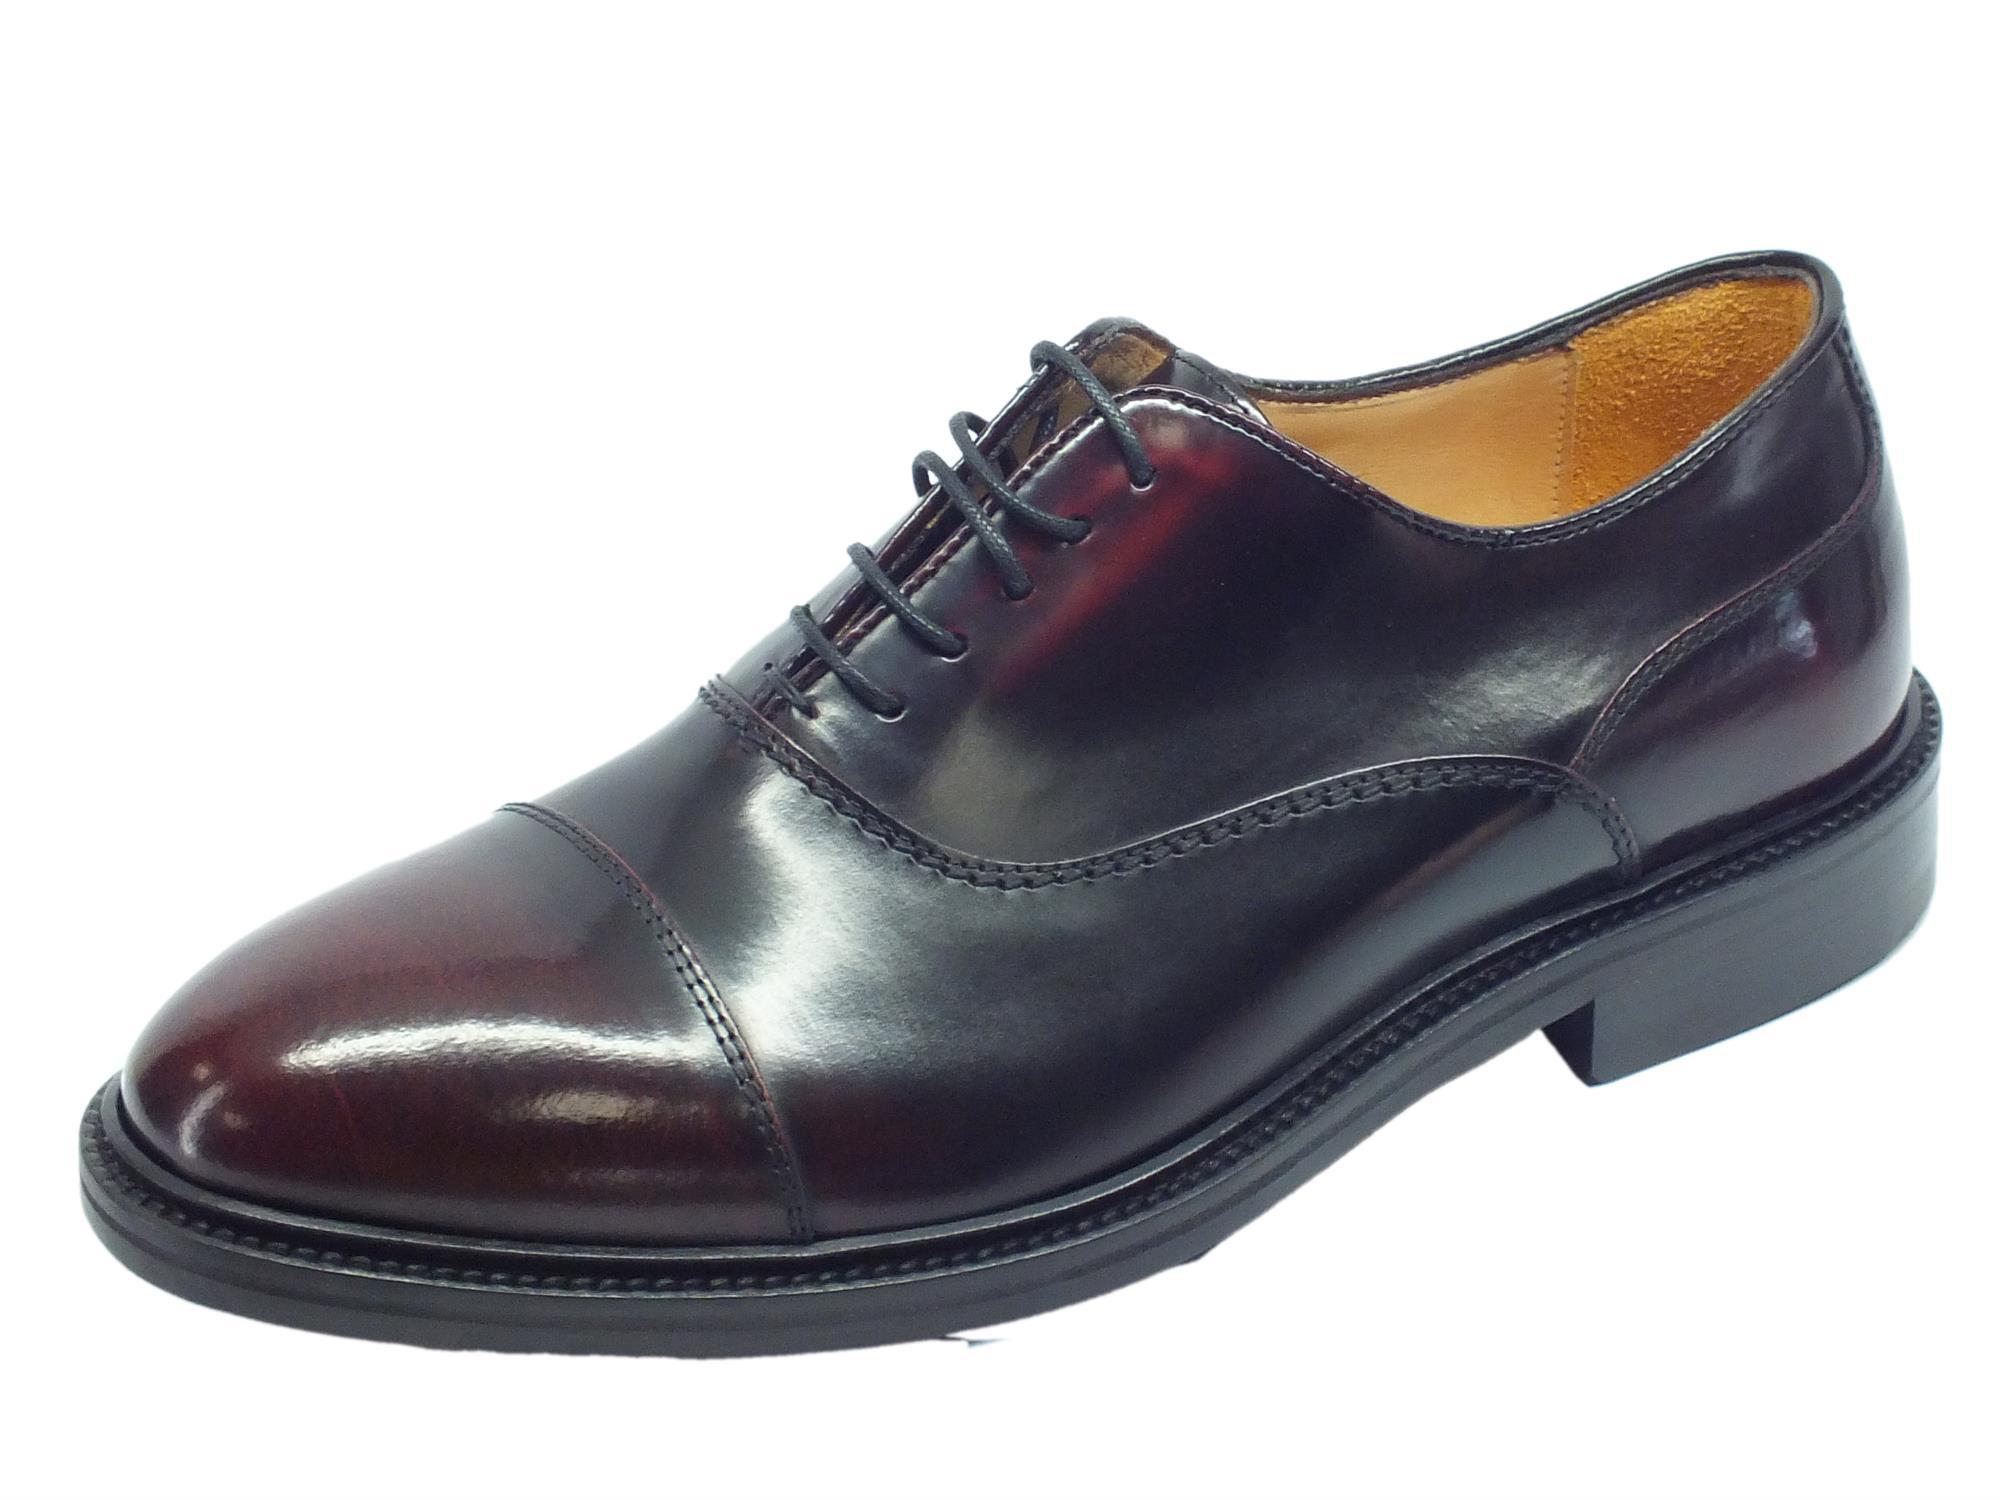 Scarpe Eleganti Mercanti Fiorentini in pelle abrasivata spazzolata bordò 8f5fa76a33e